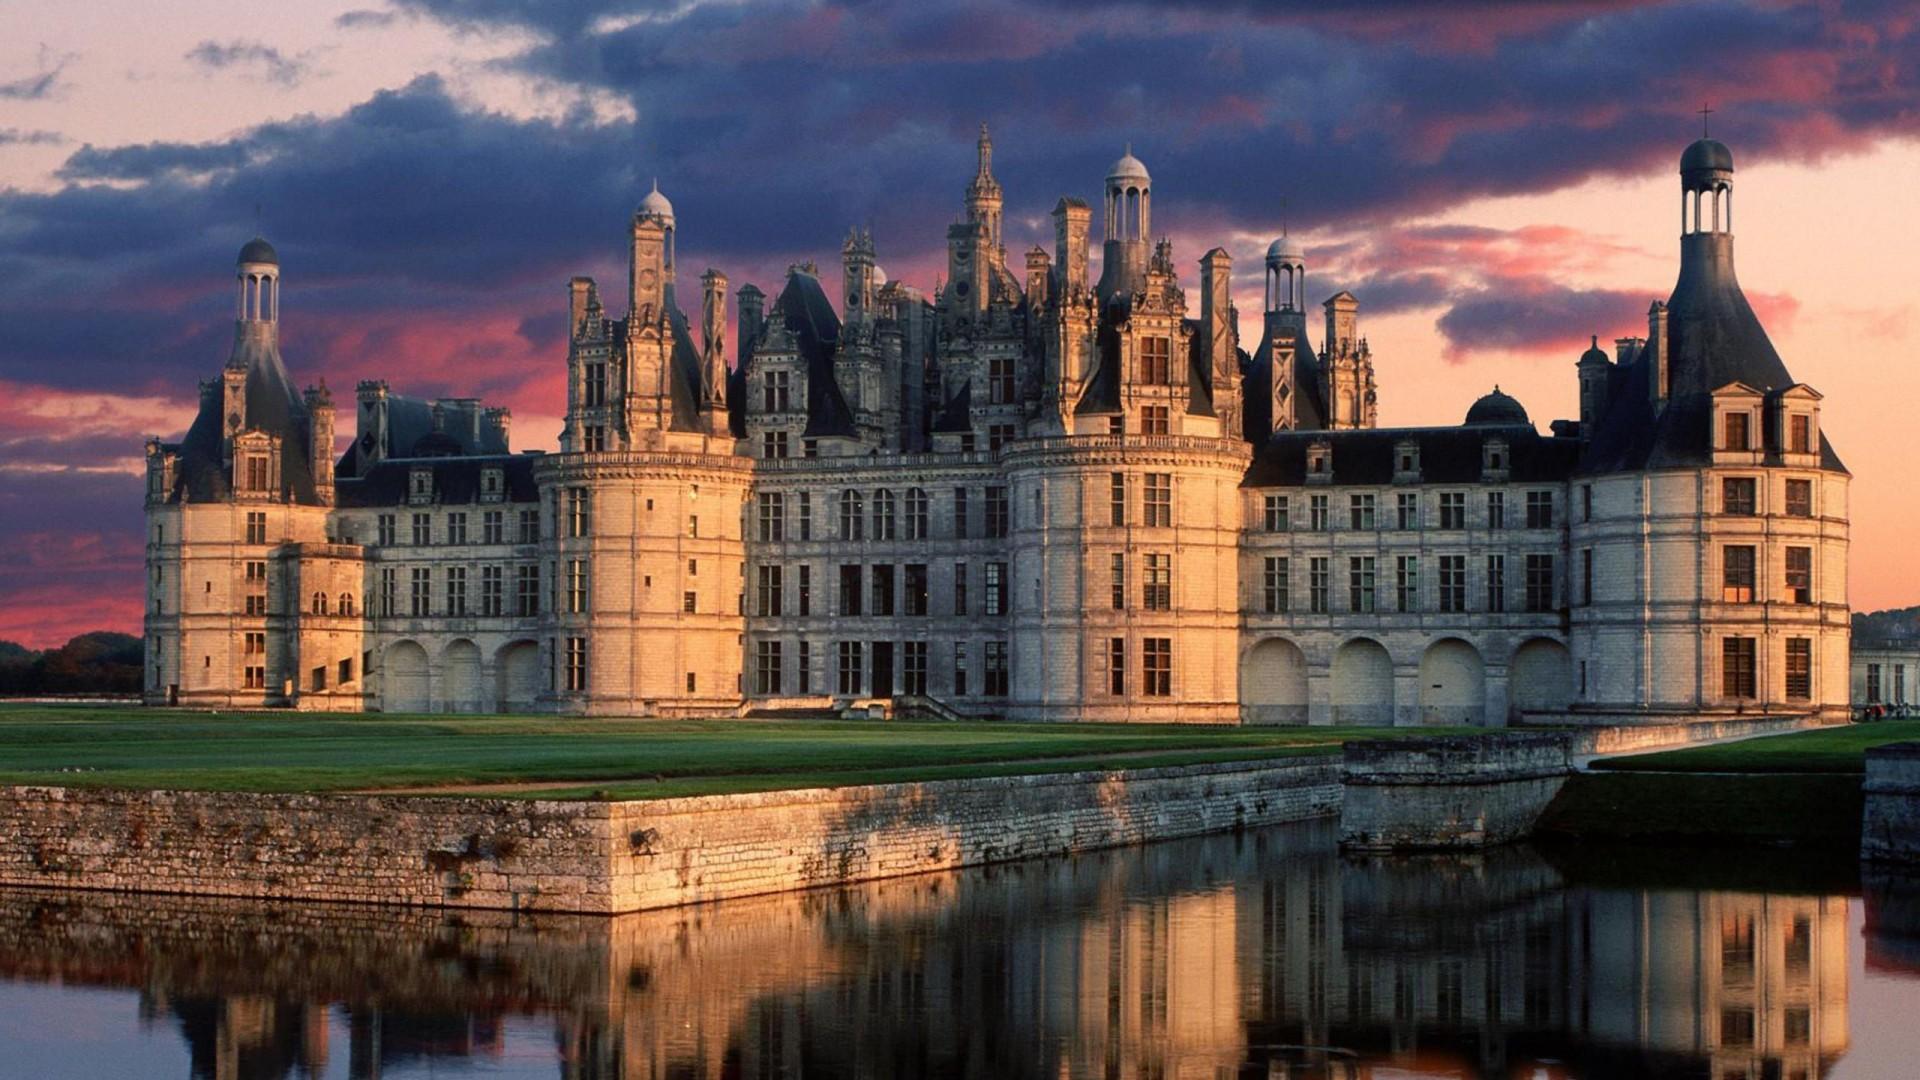 Chateau-de-Chambord-castillo